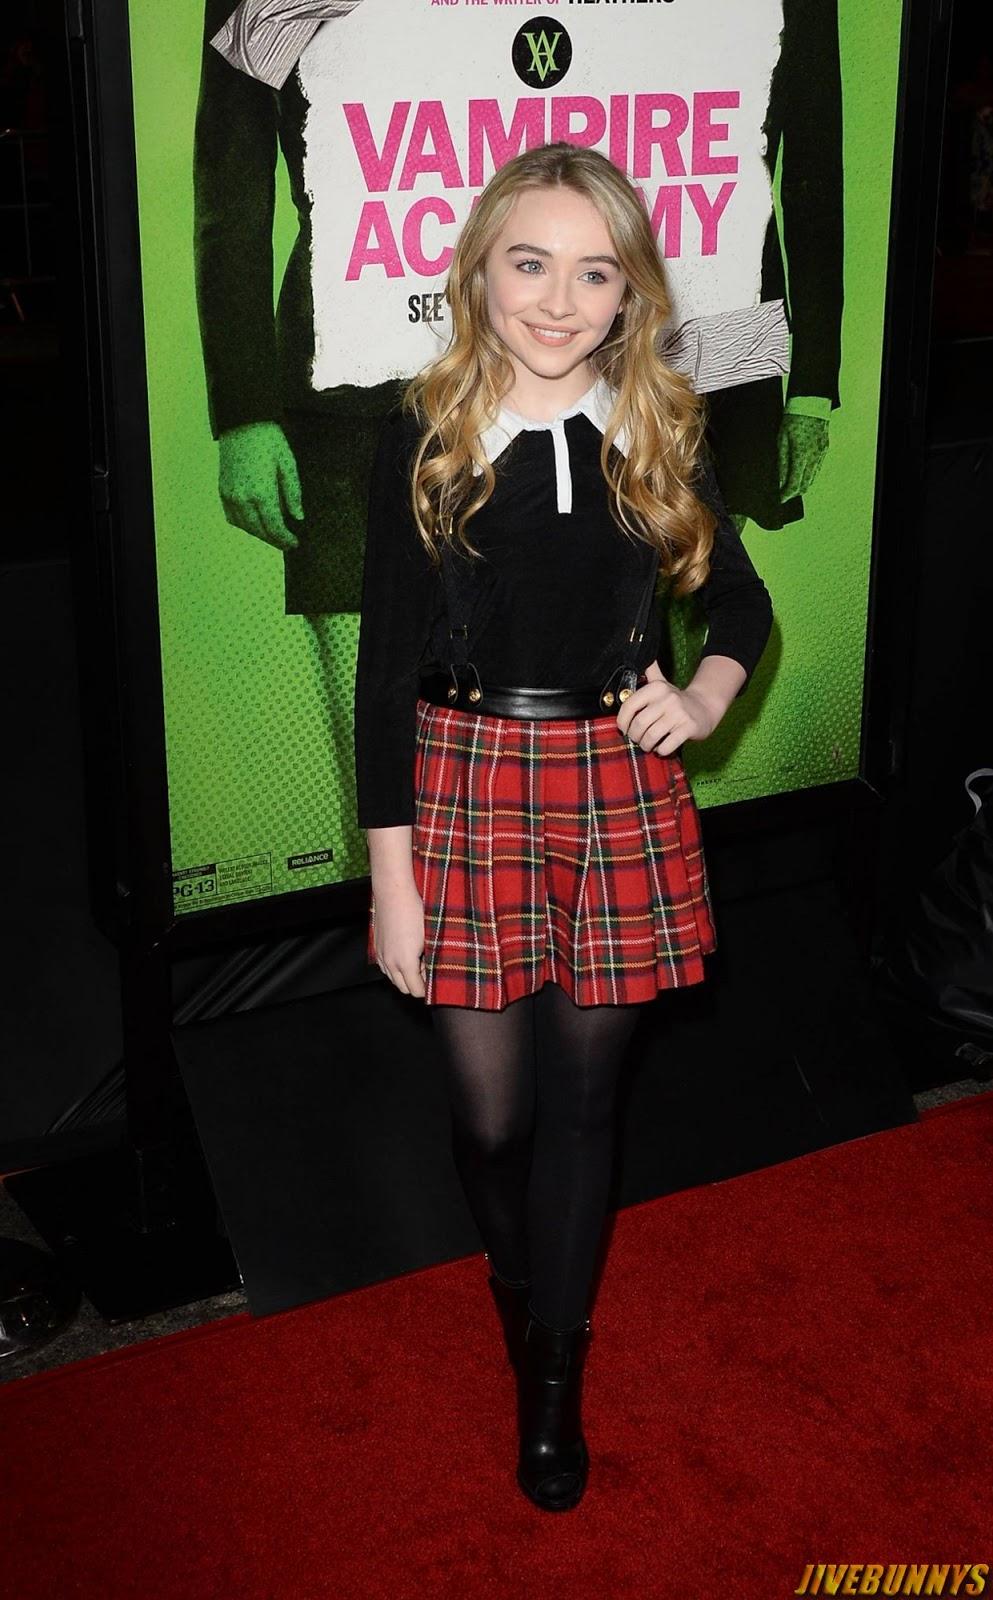 sabrina carpenter teen actress photos gallery 1